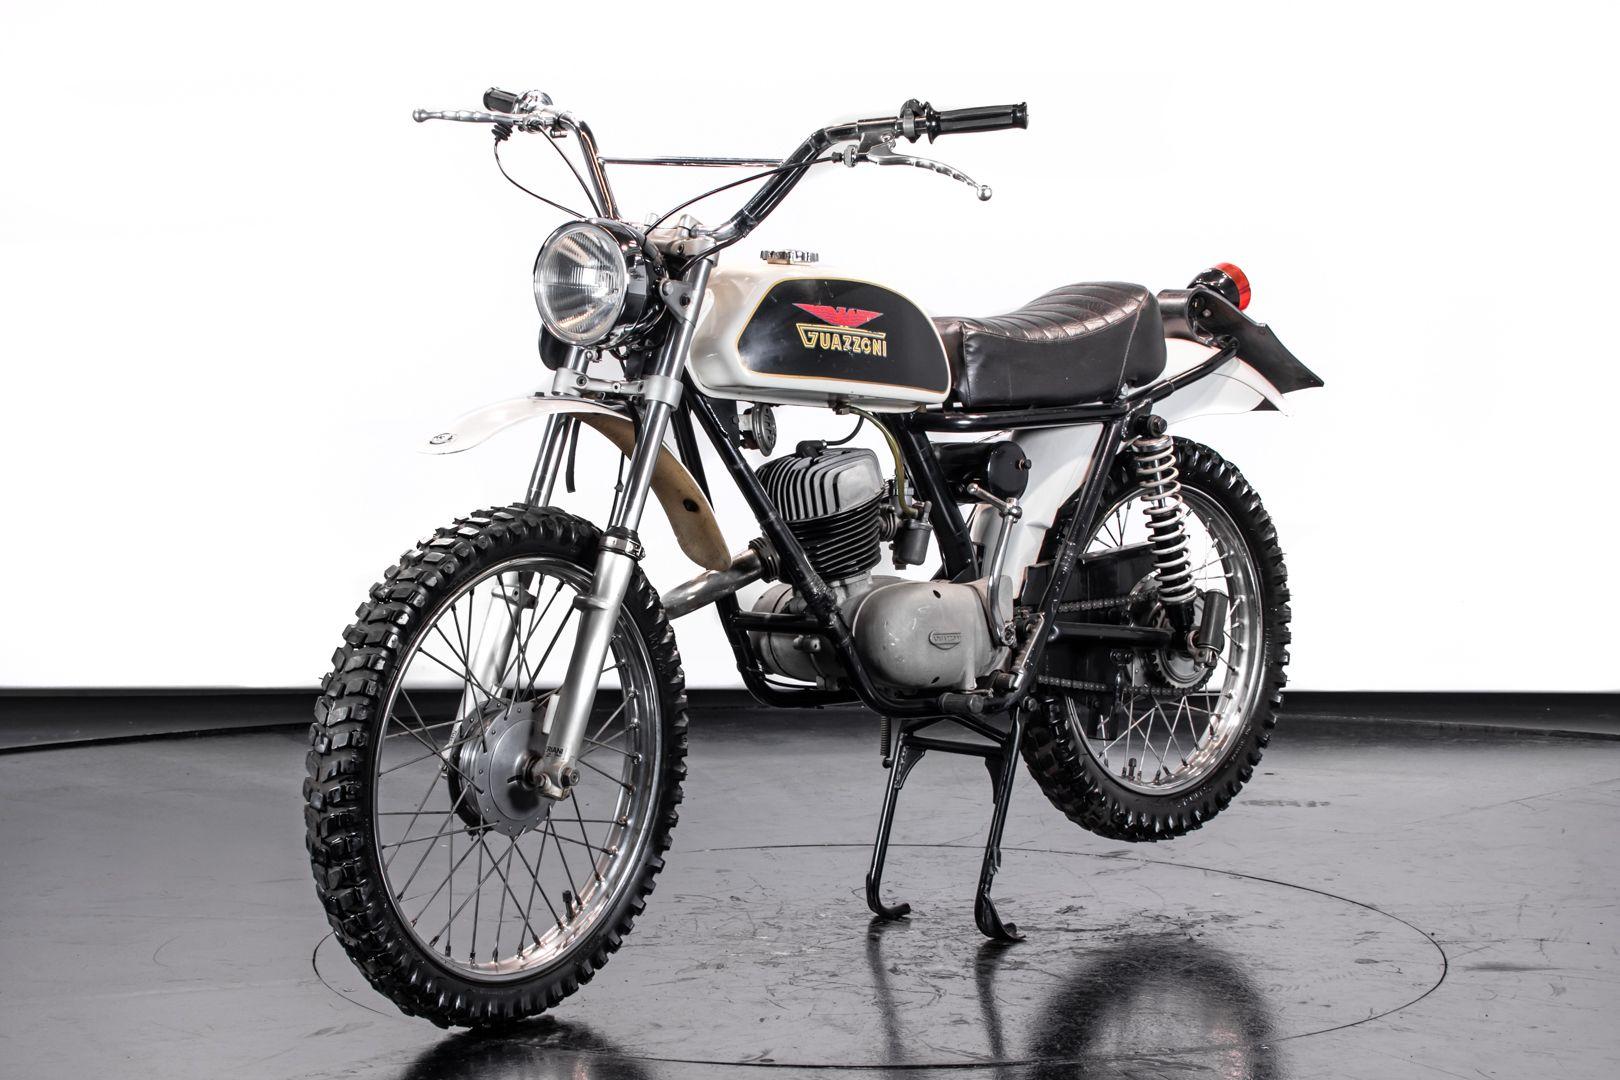 1973 Guazzoni Moderly 71879